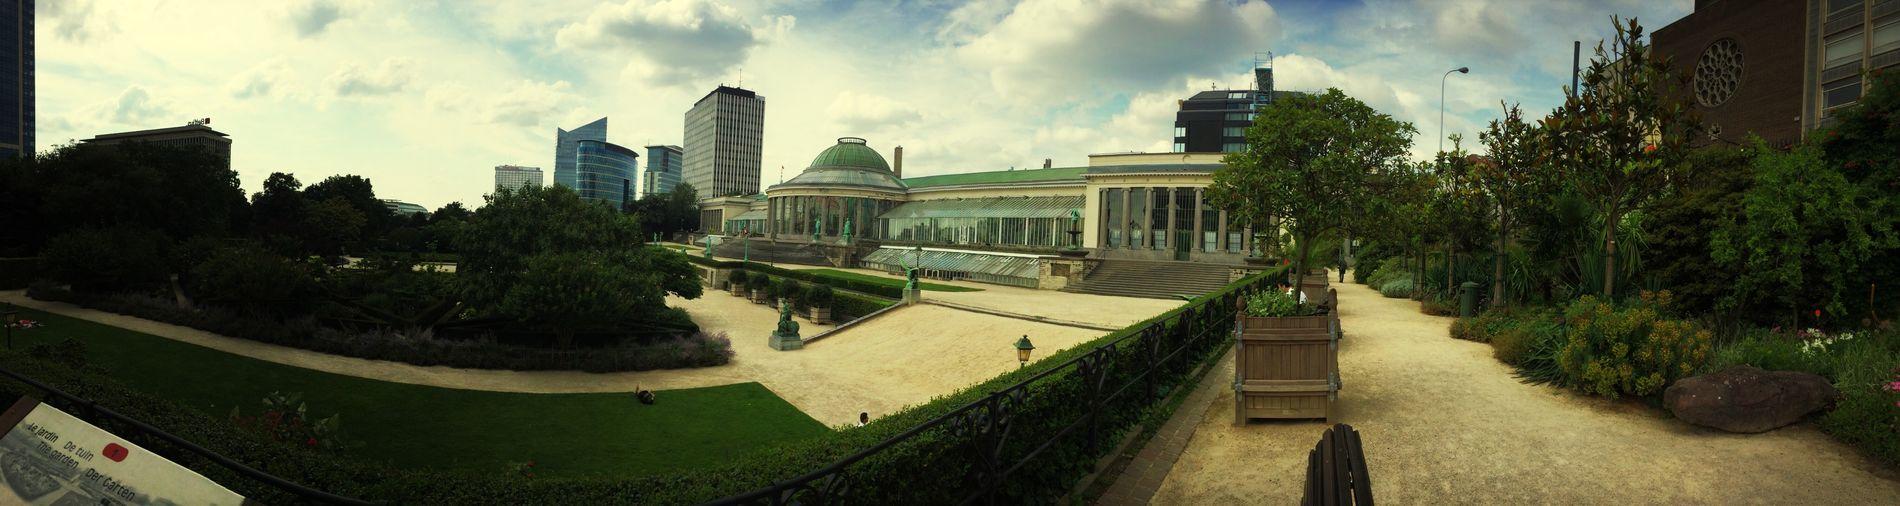 Garden Bruxelles